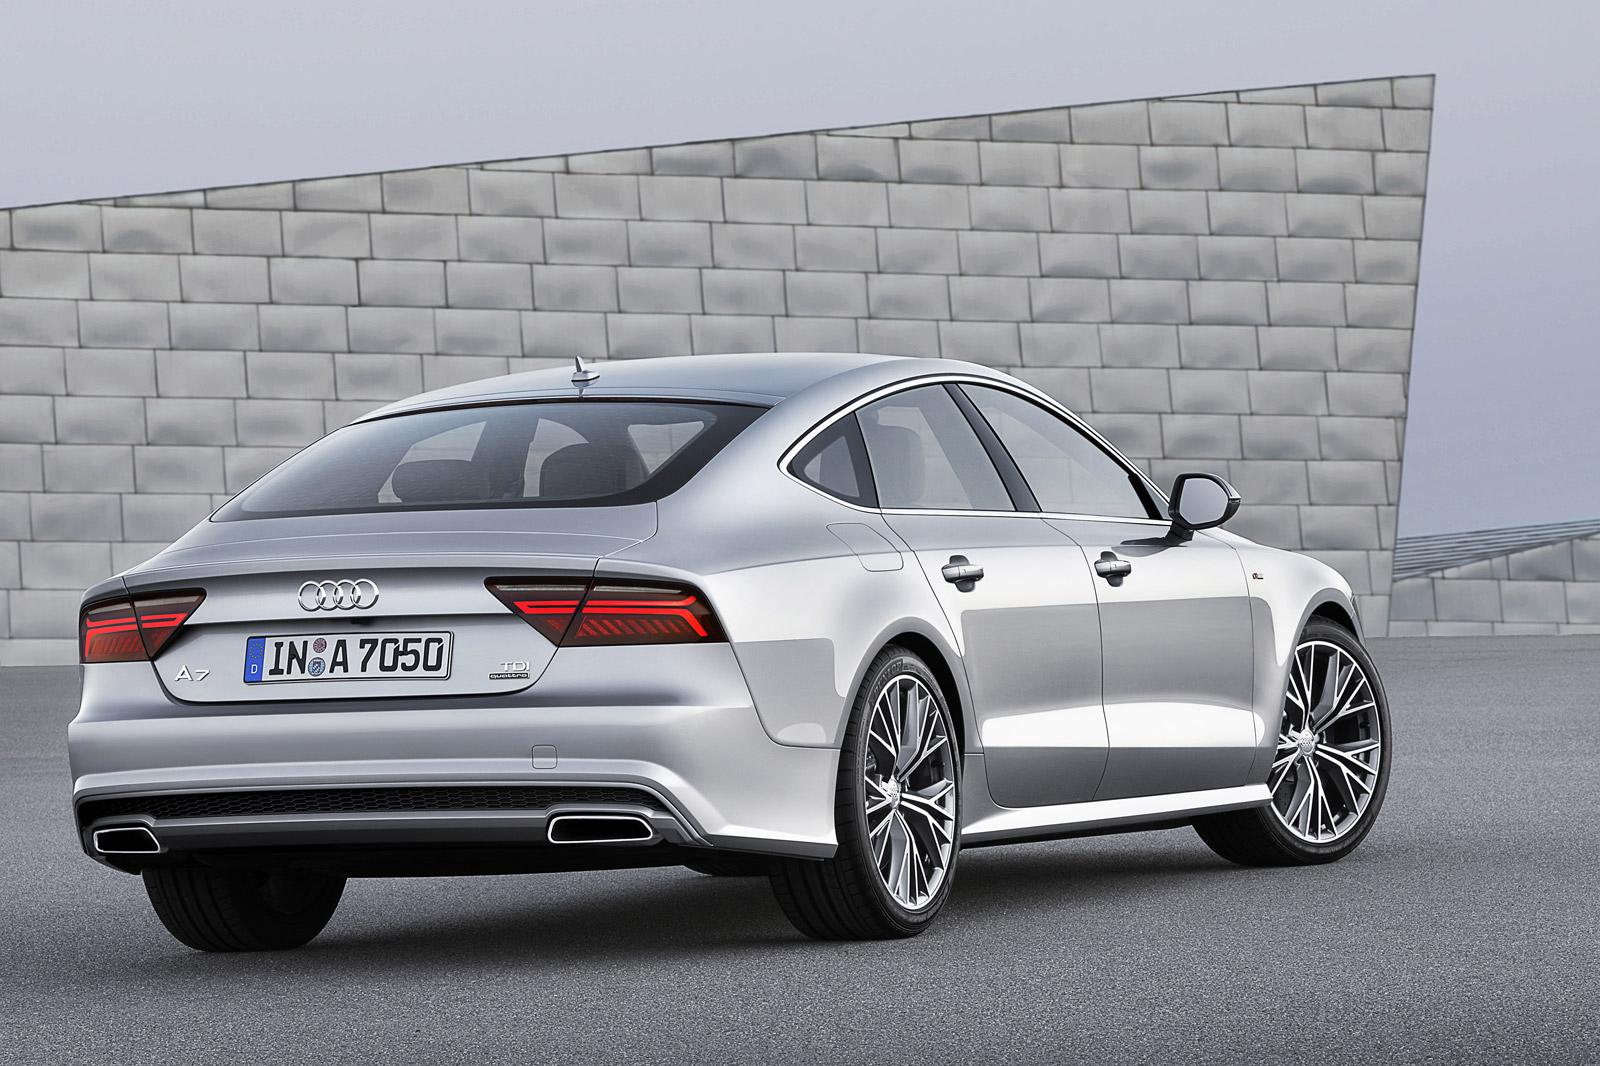 Volkswagen, Audi Top Other Brands In 2014 Total Value Index